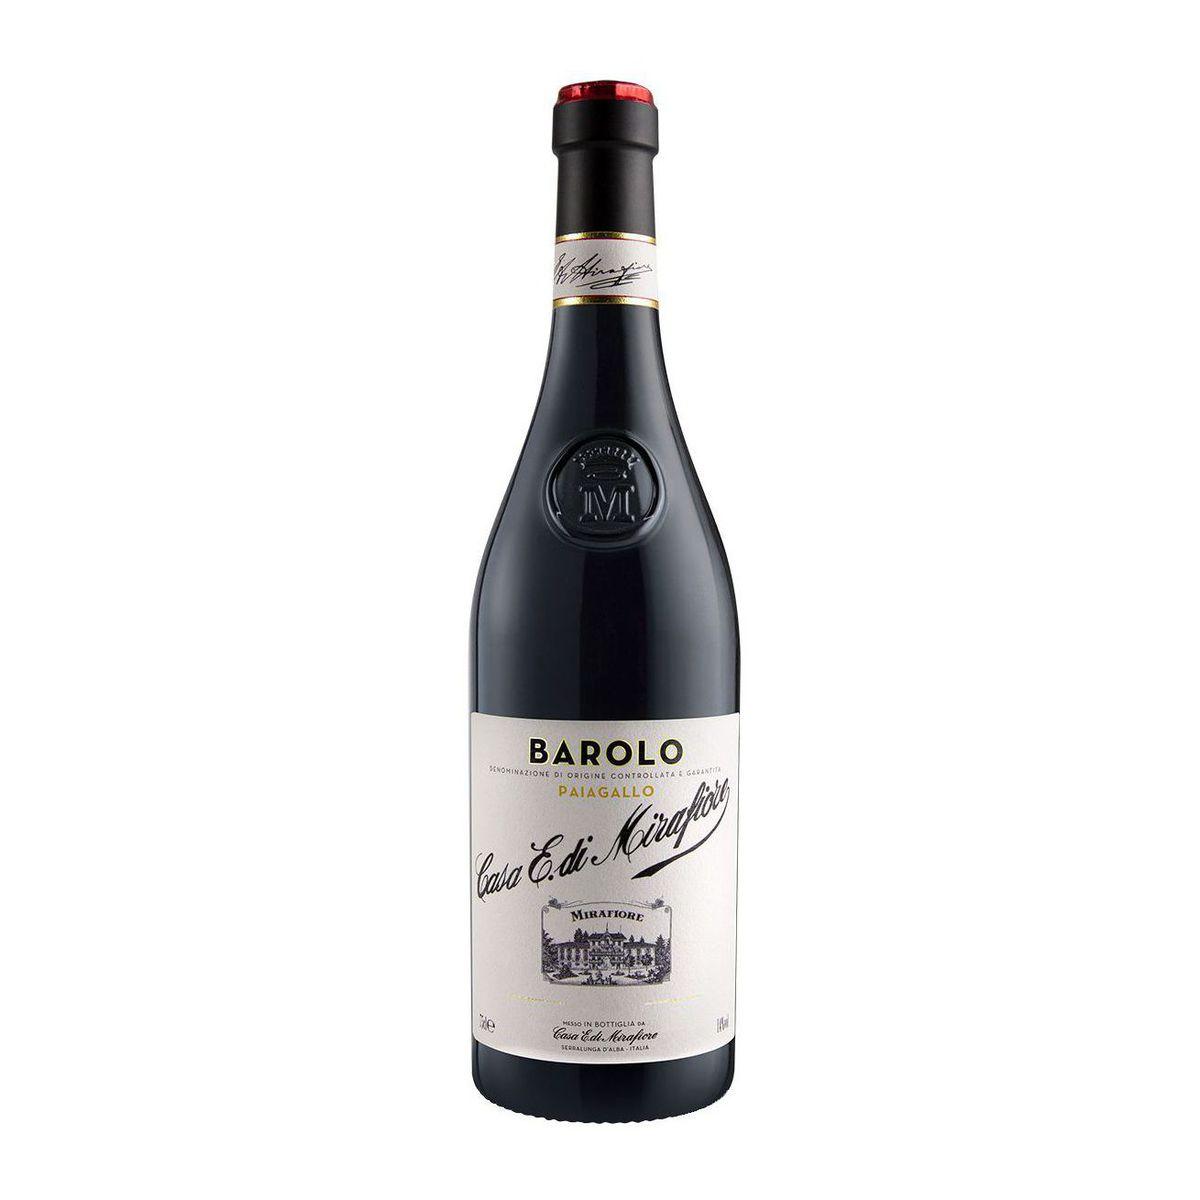 Barolo Paiagallo 2015 Mirafiore